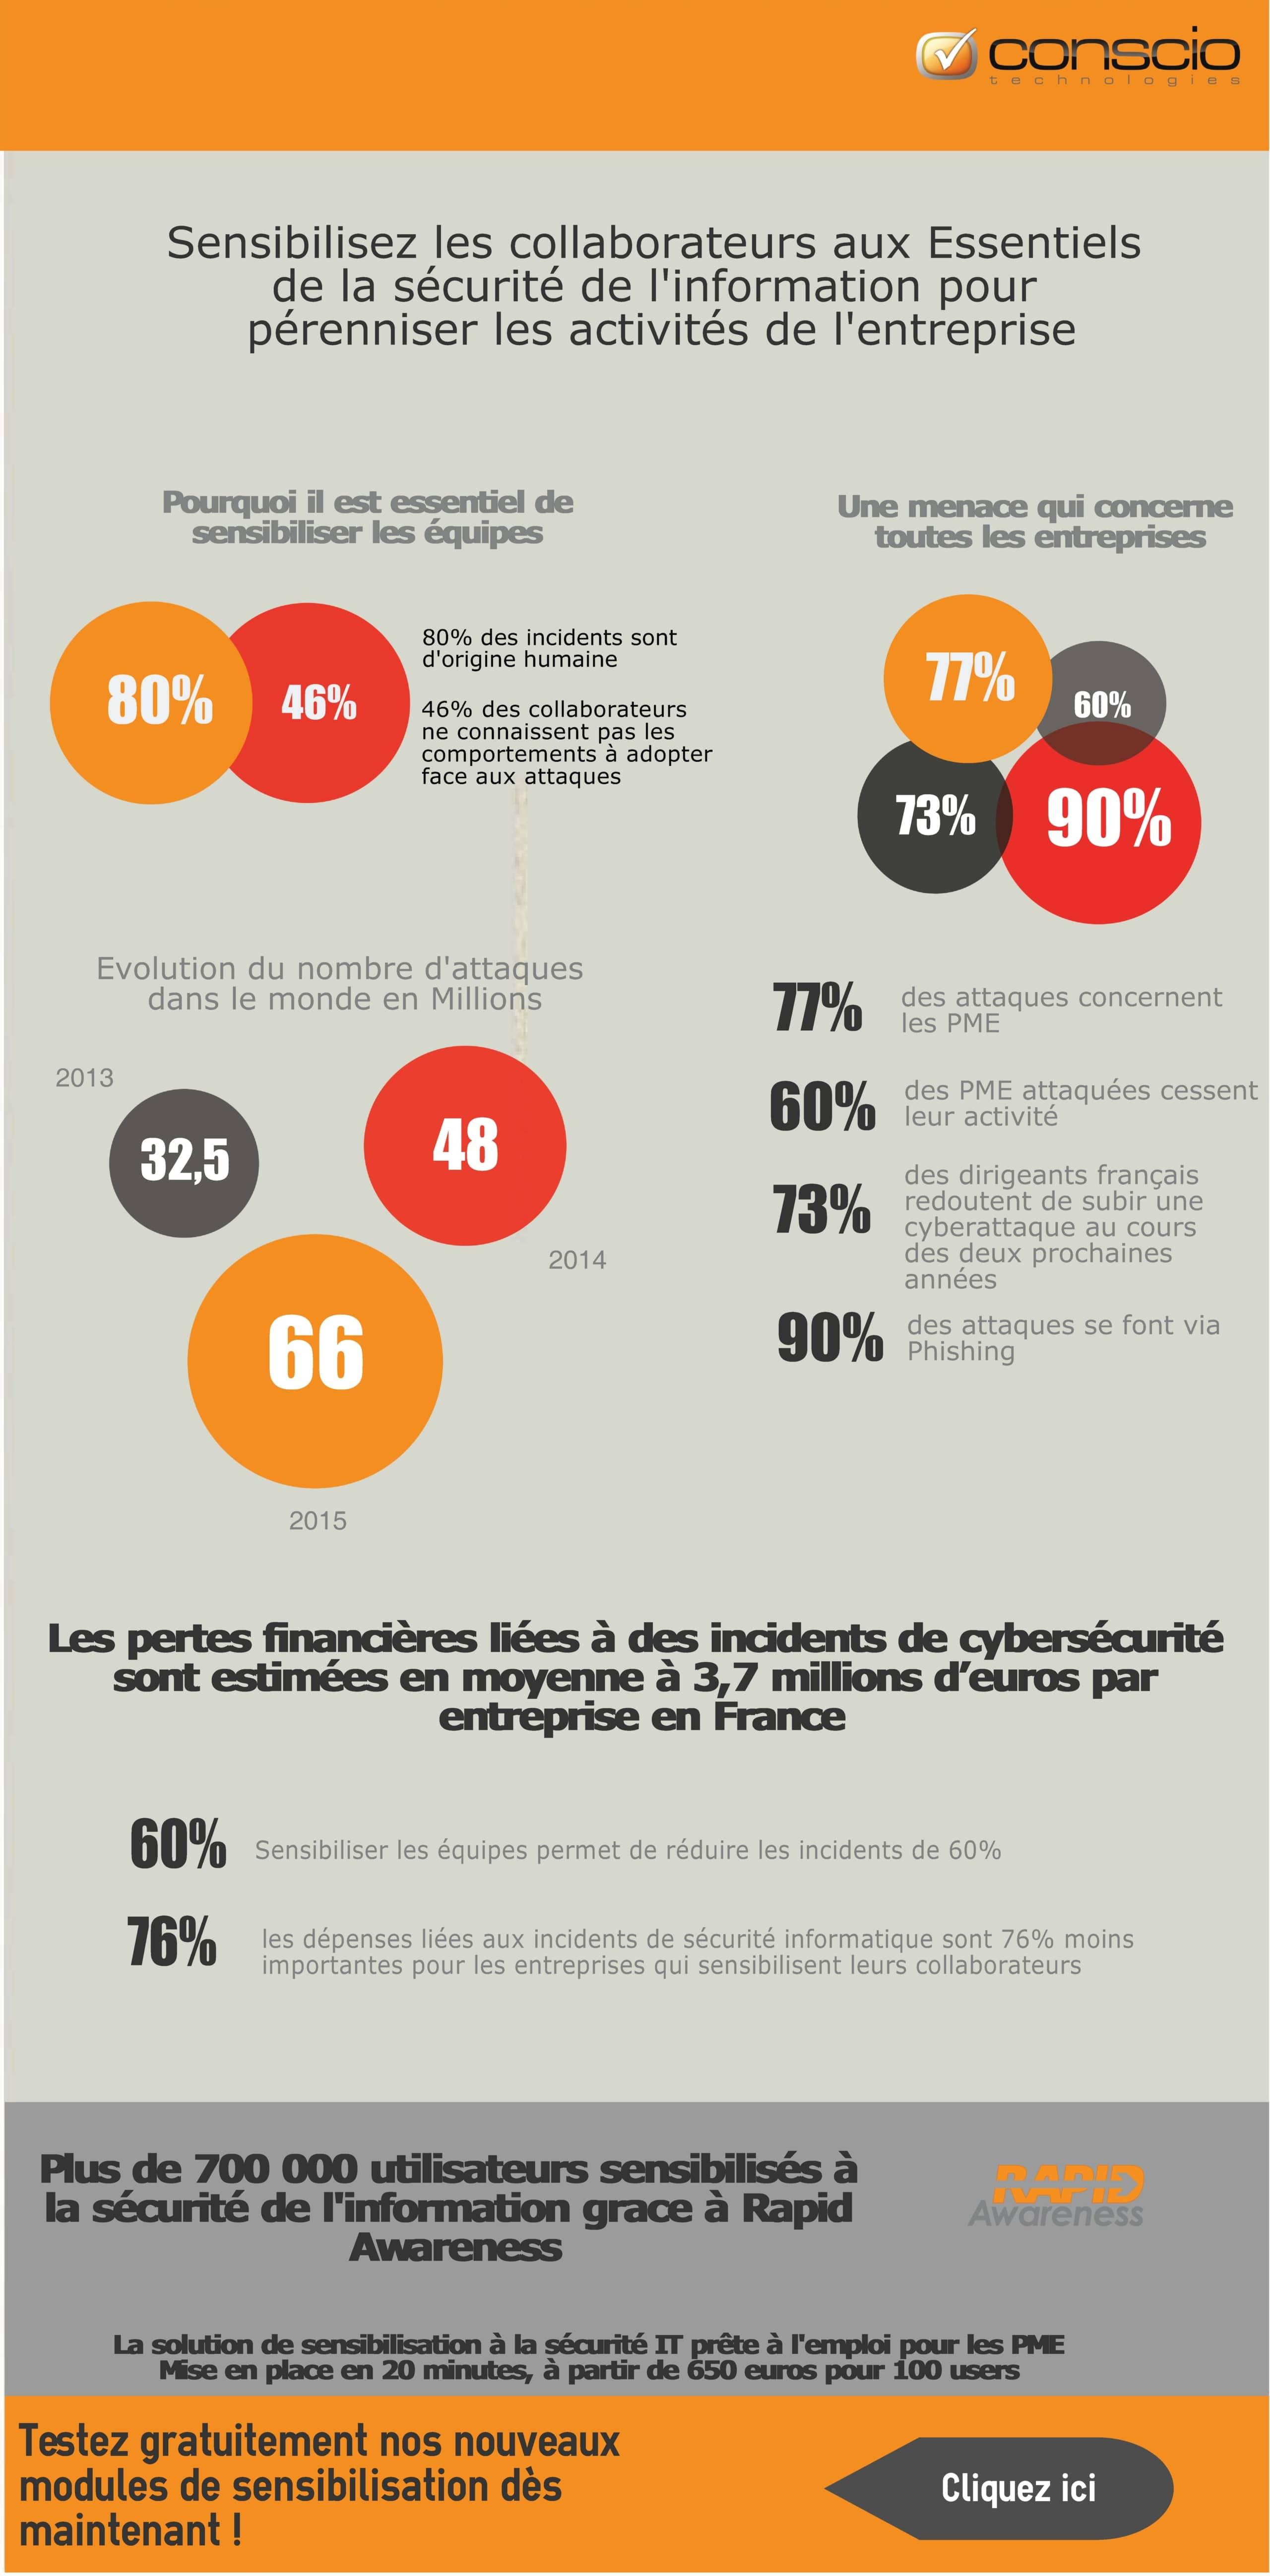 Infographie_Conscio_Technologies_-_Securite_de_l'information